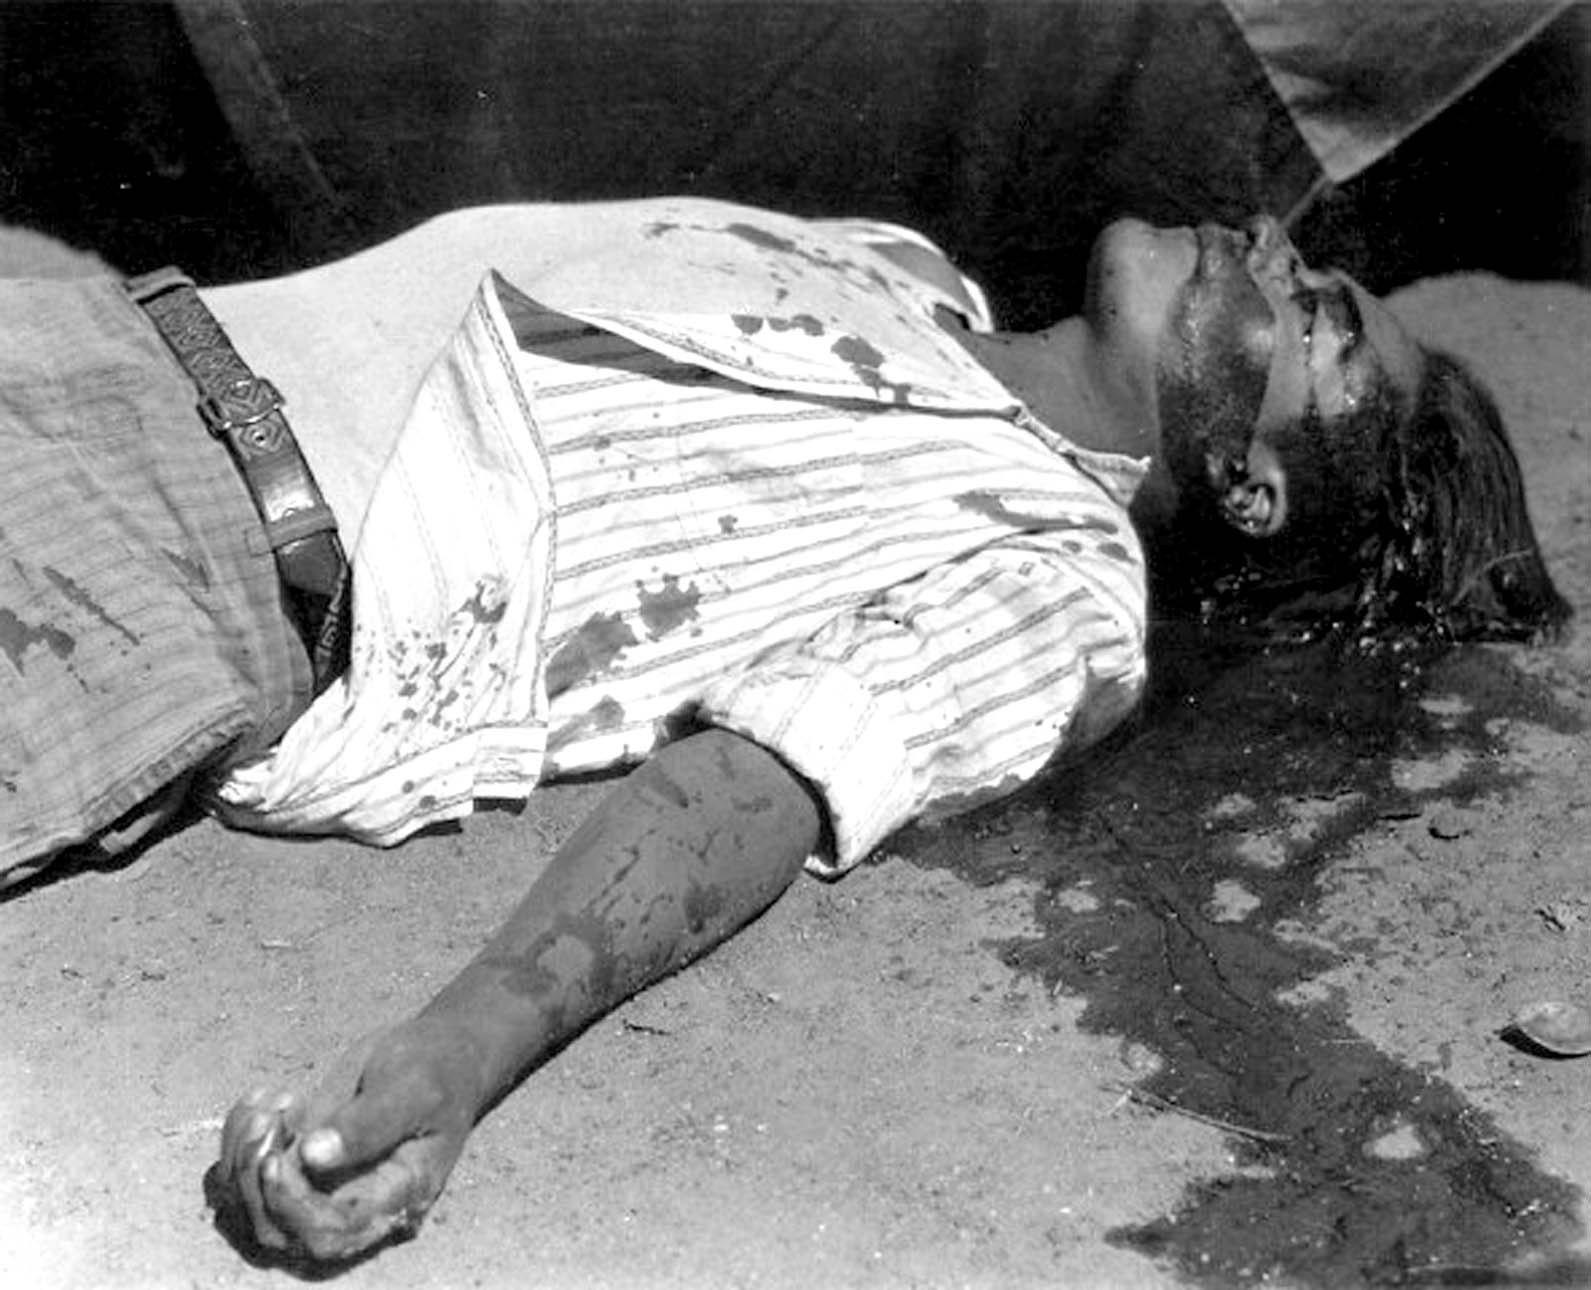 Obrero en huelga asesinado, Manuel Álvarez Bravo, 1934. El mayor precedente del cadáver como foto de autor en México.